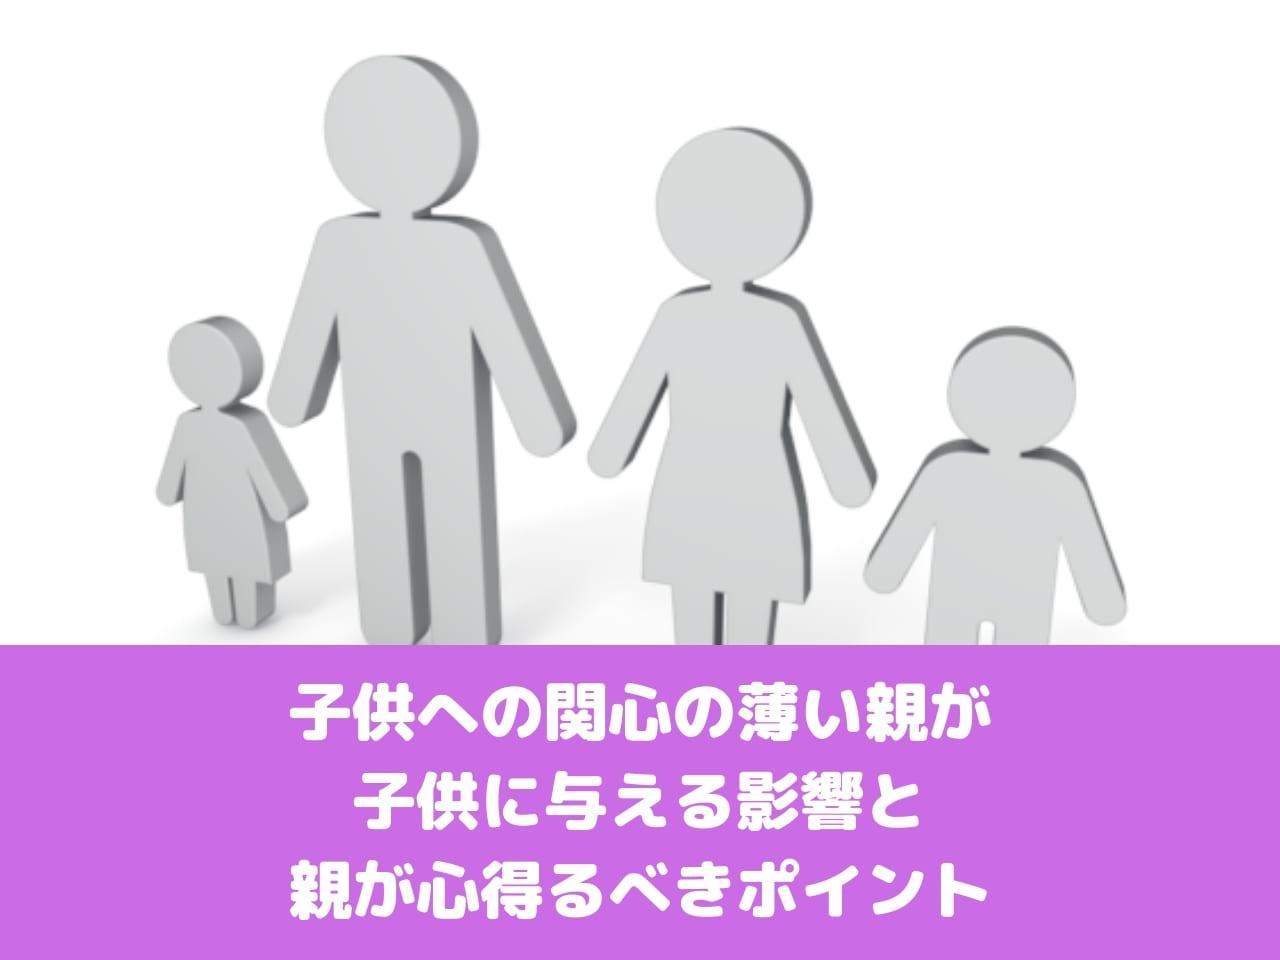 子供への関心の薄い親が子供に与える影響と親が心得るべきポイント